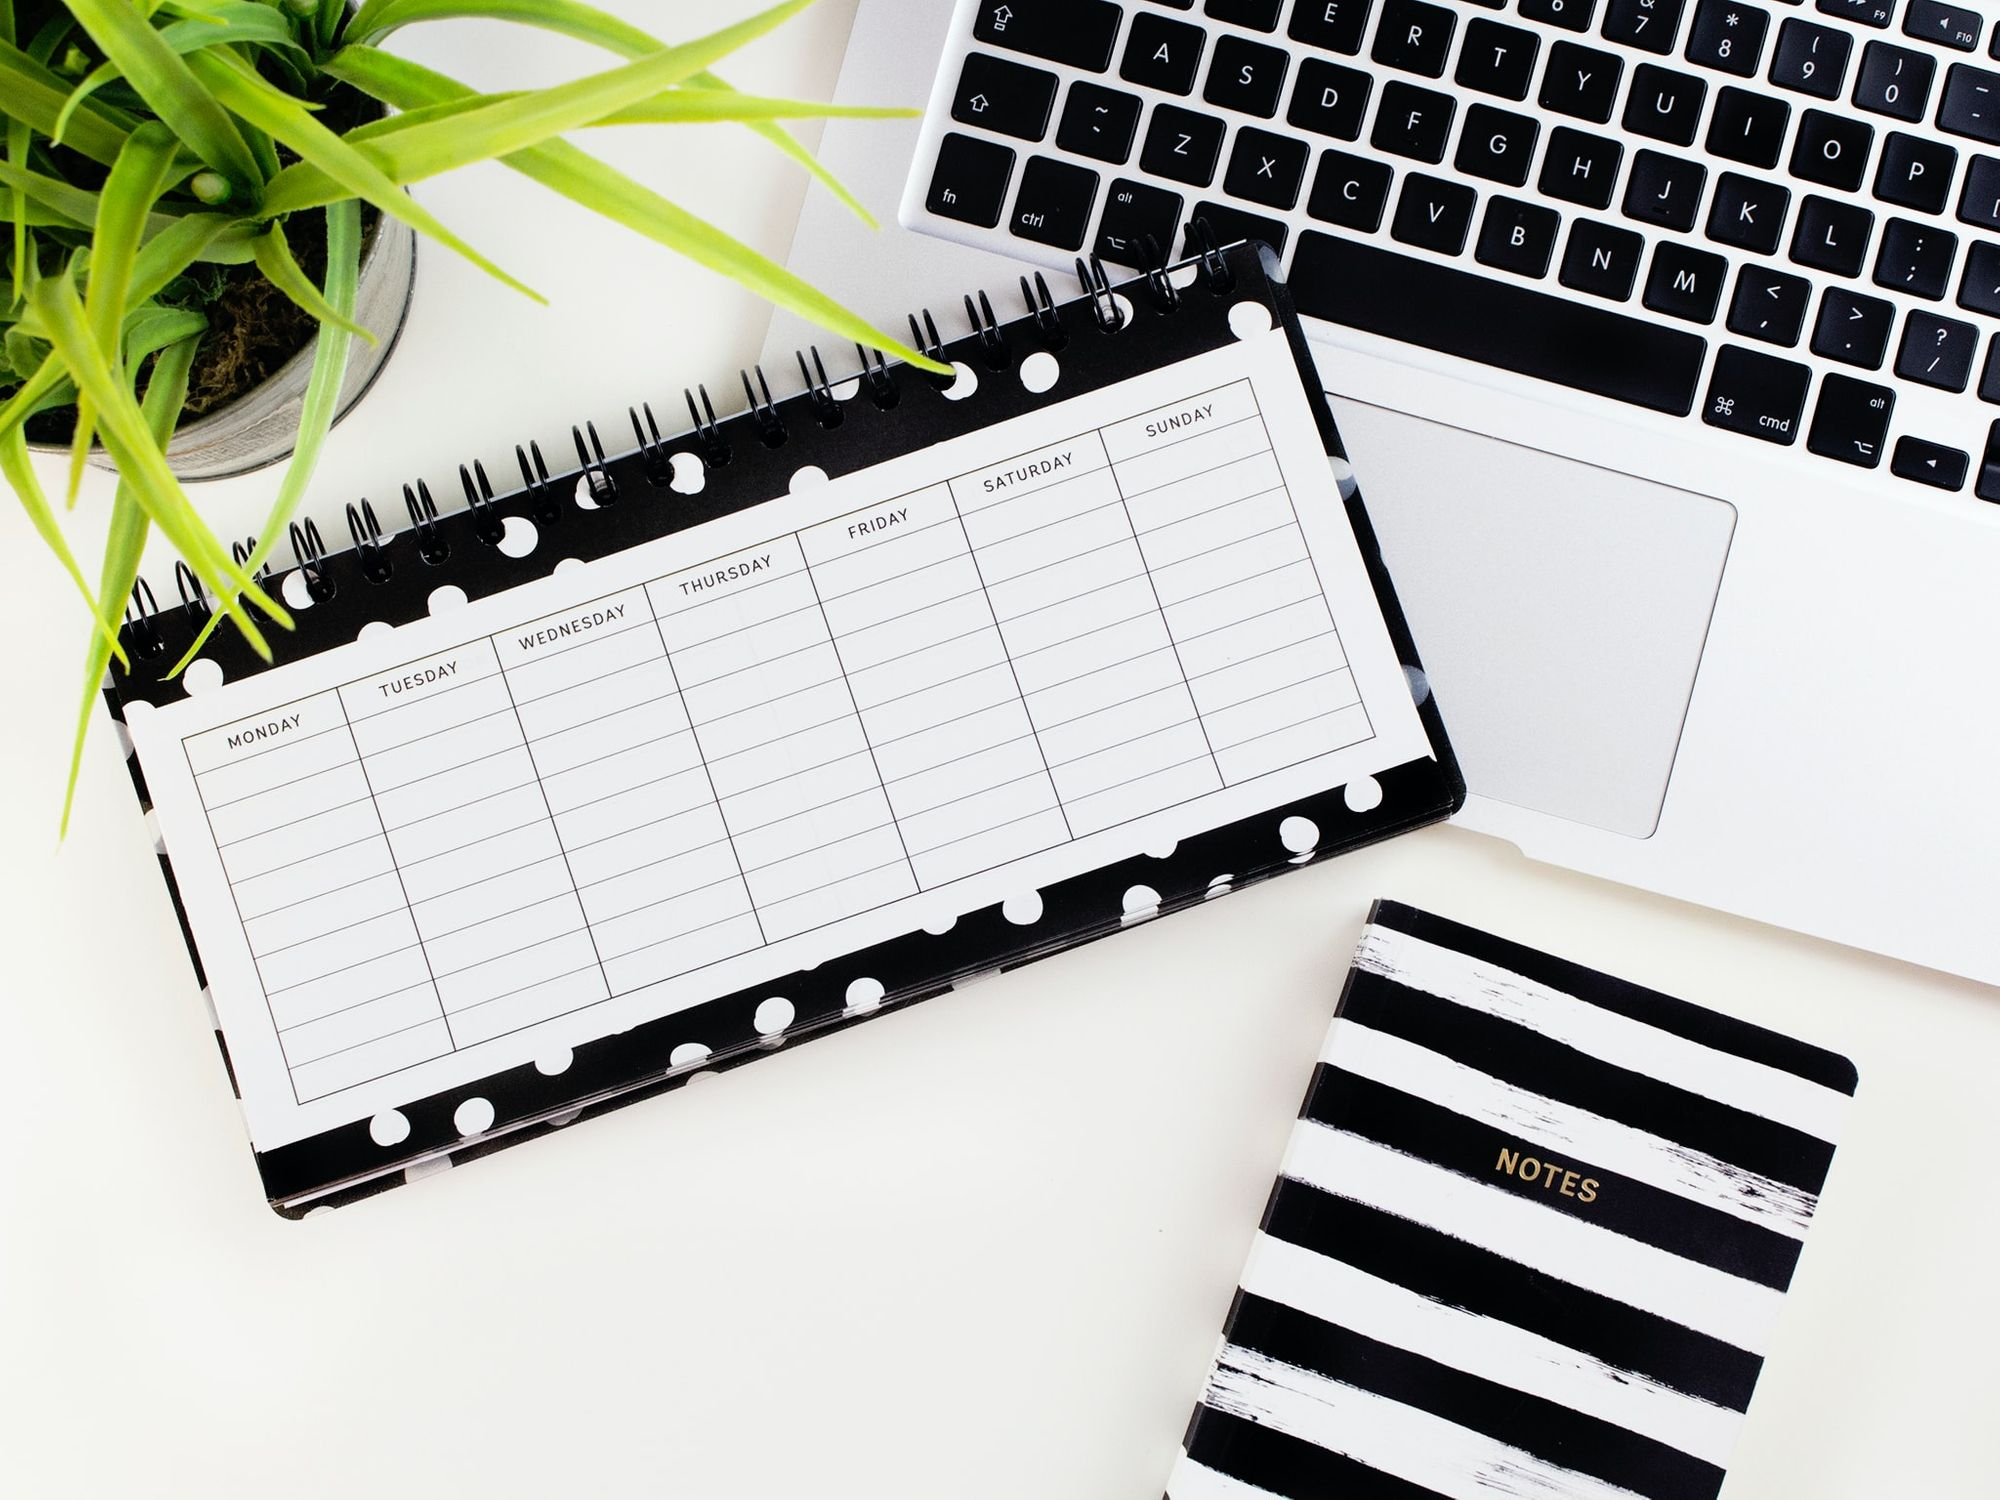 Home work schedule planner